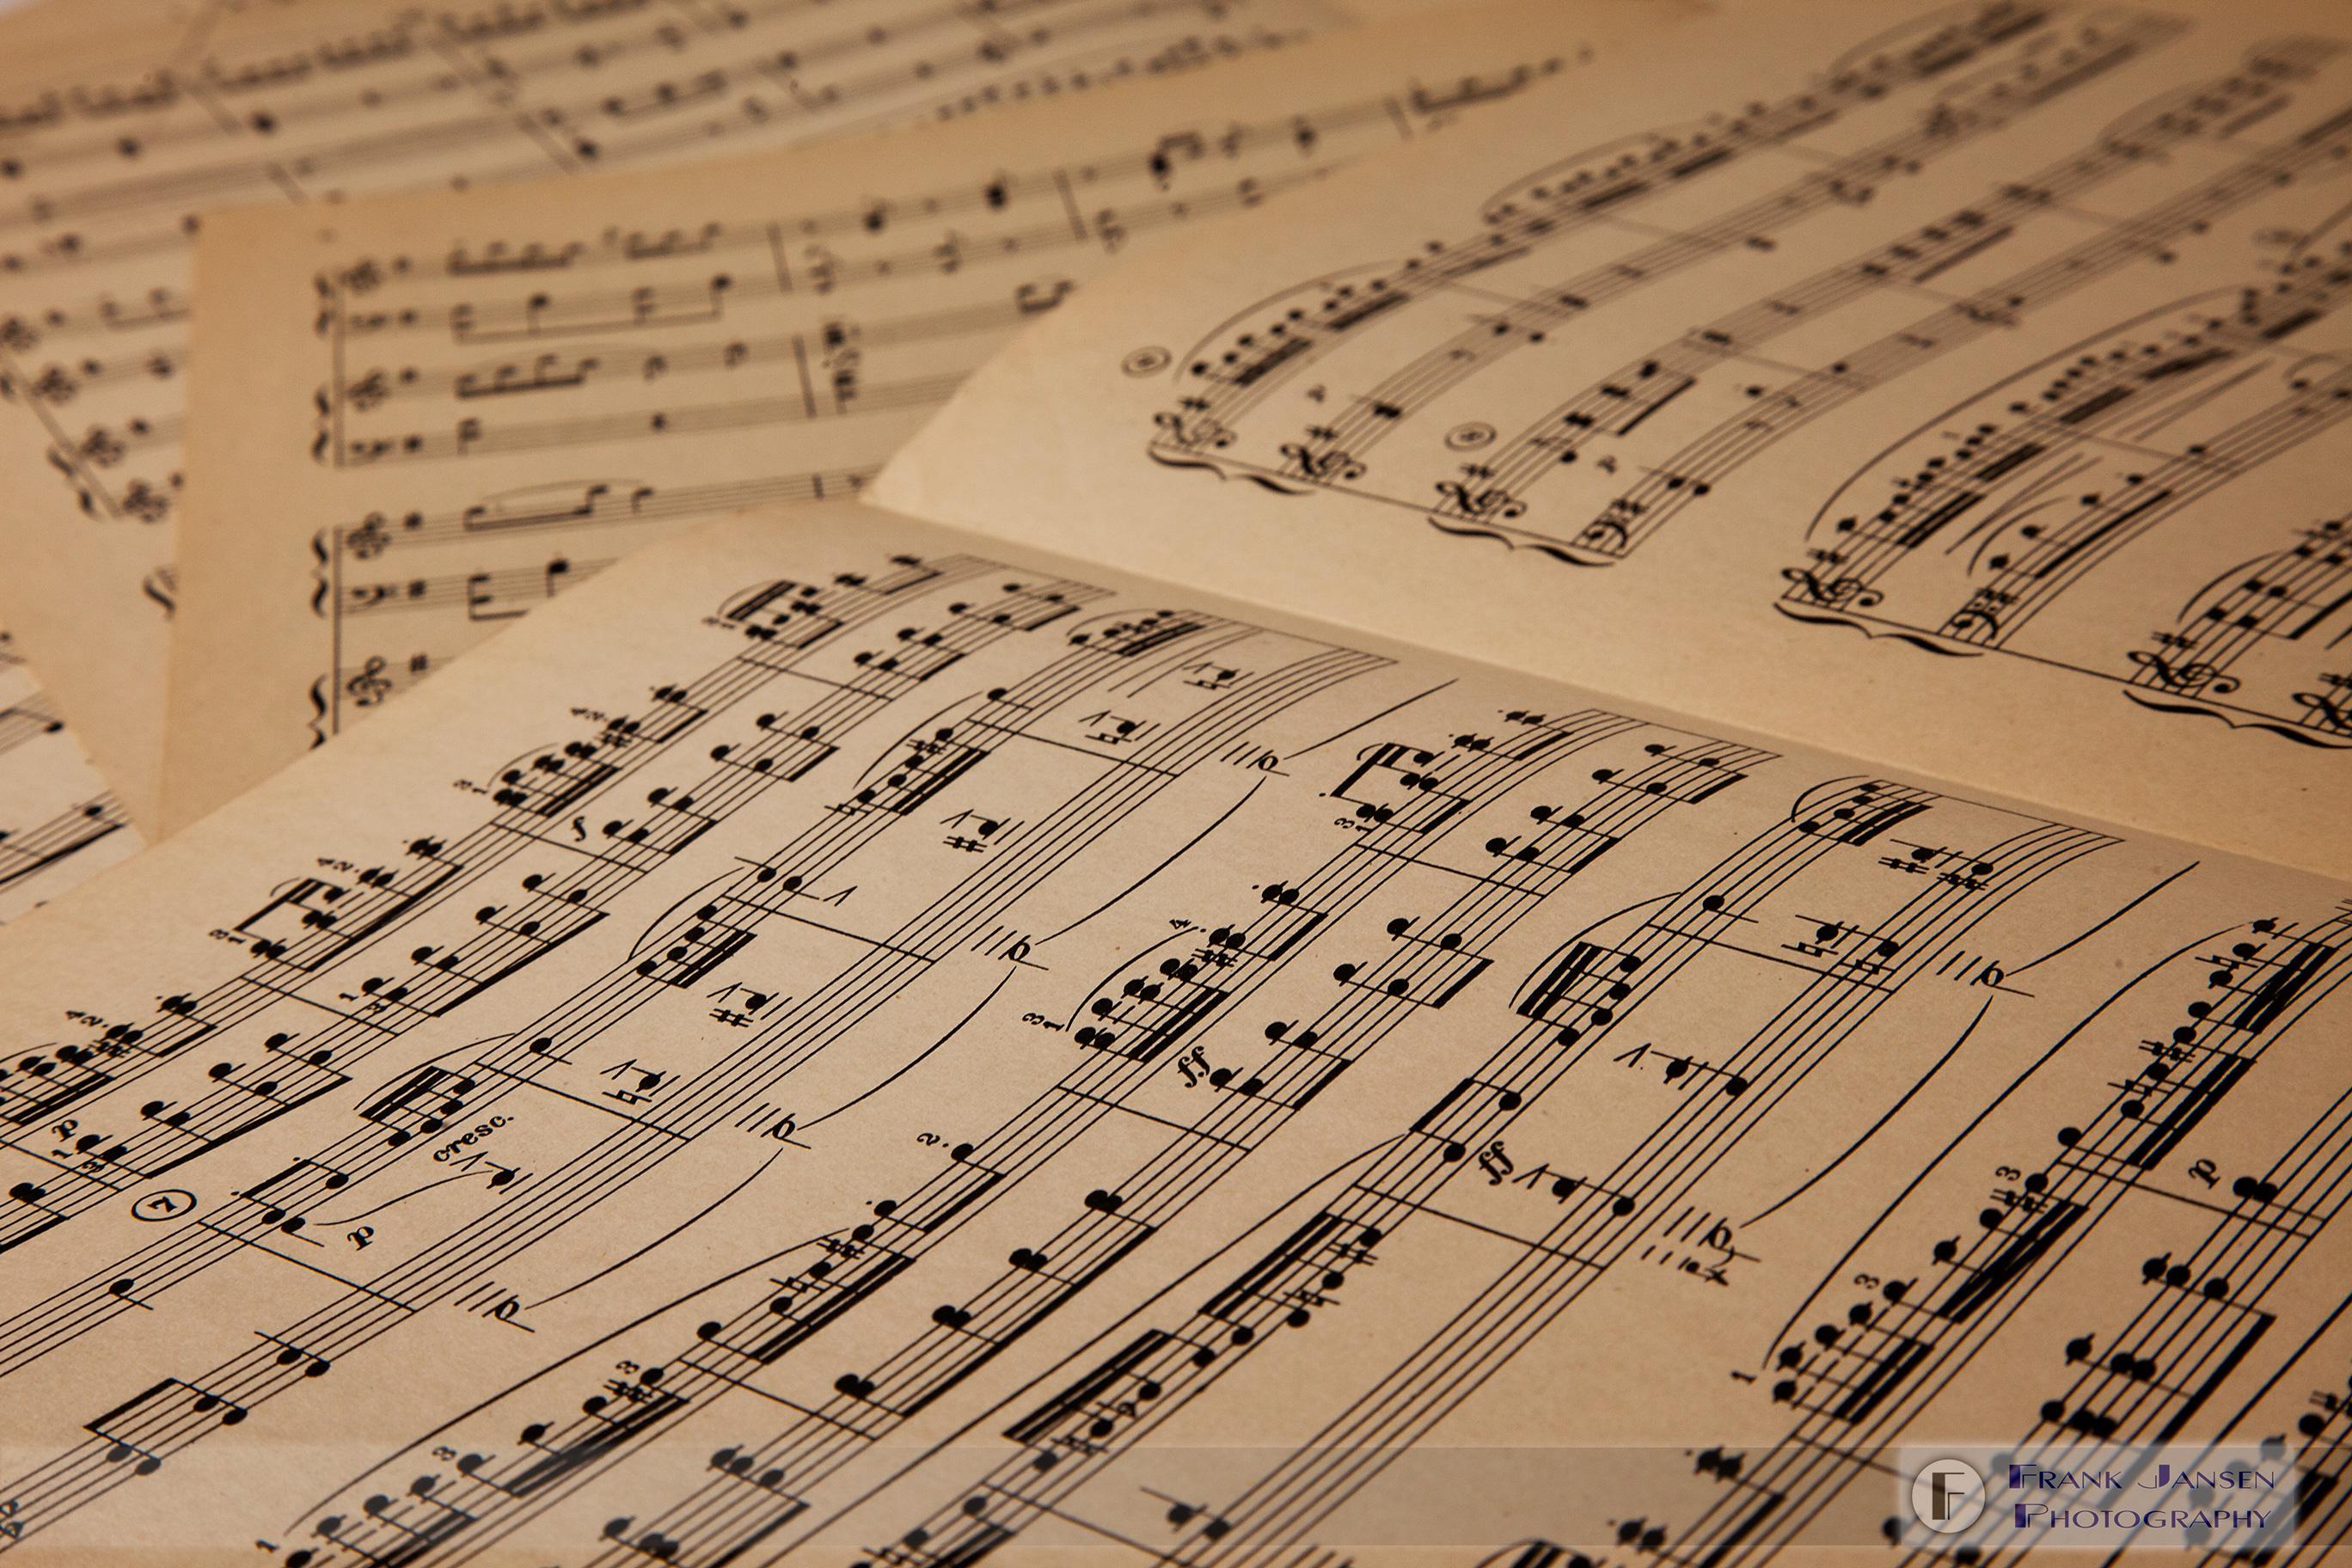 The-Score_MG_4161